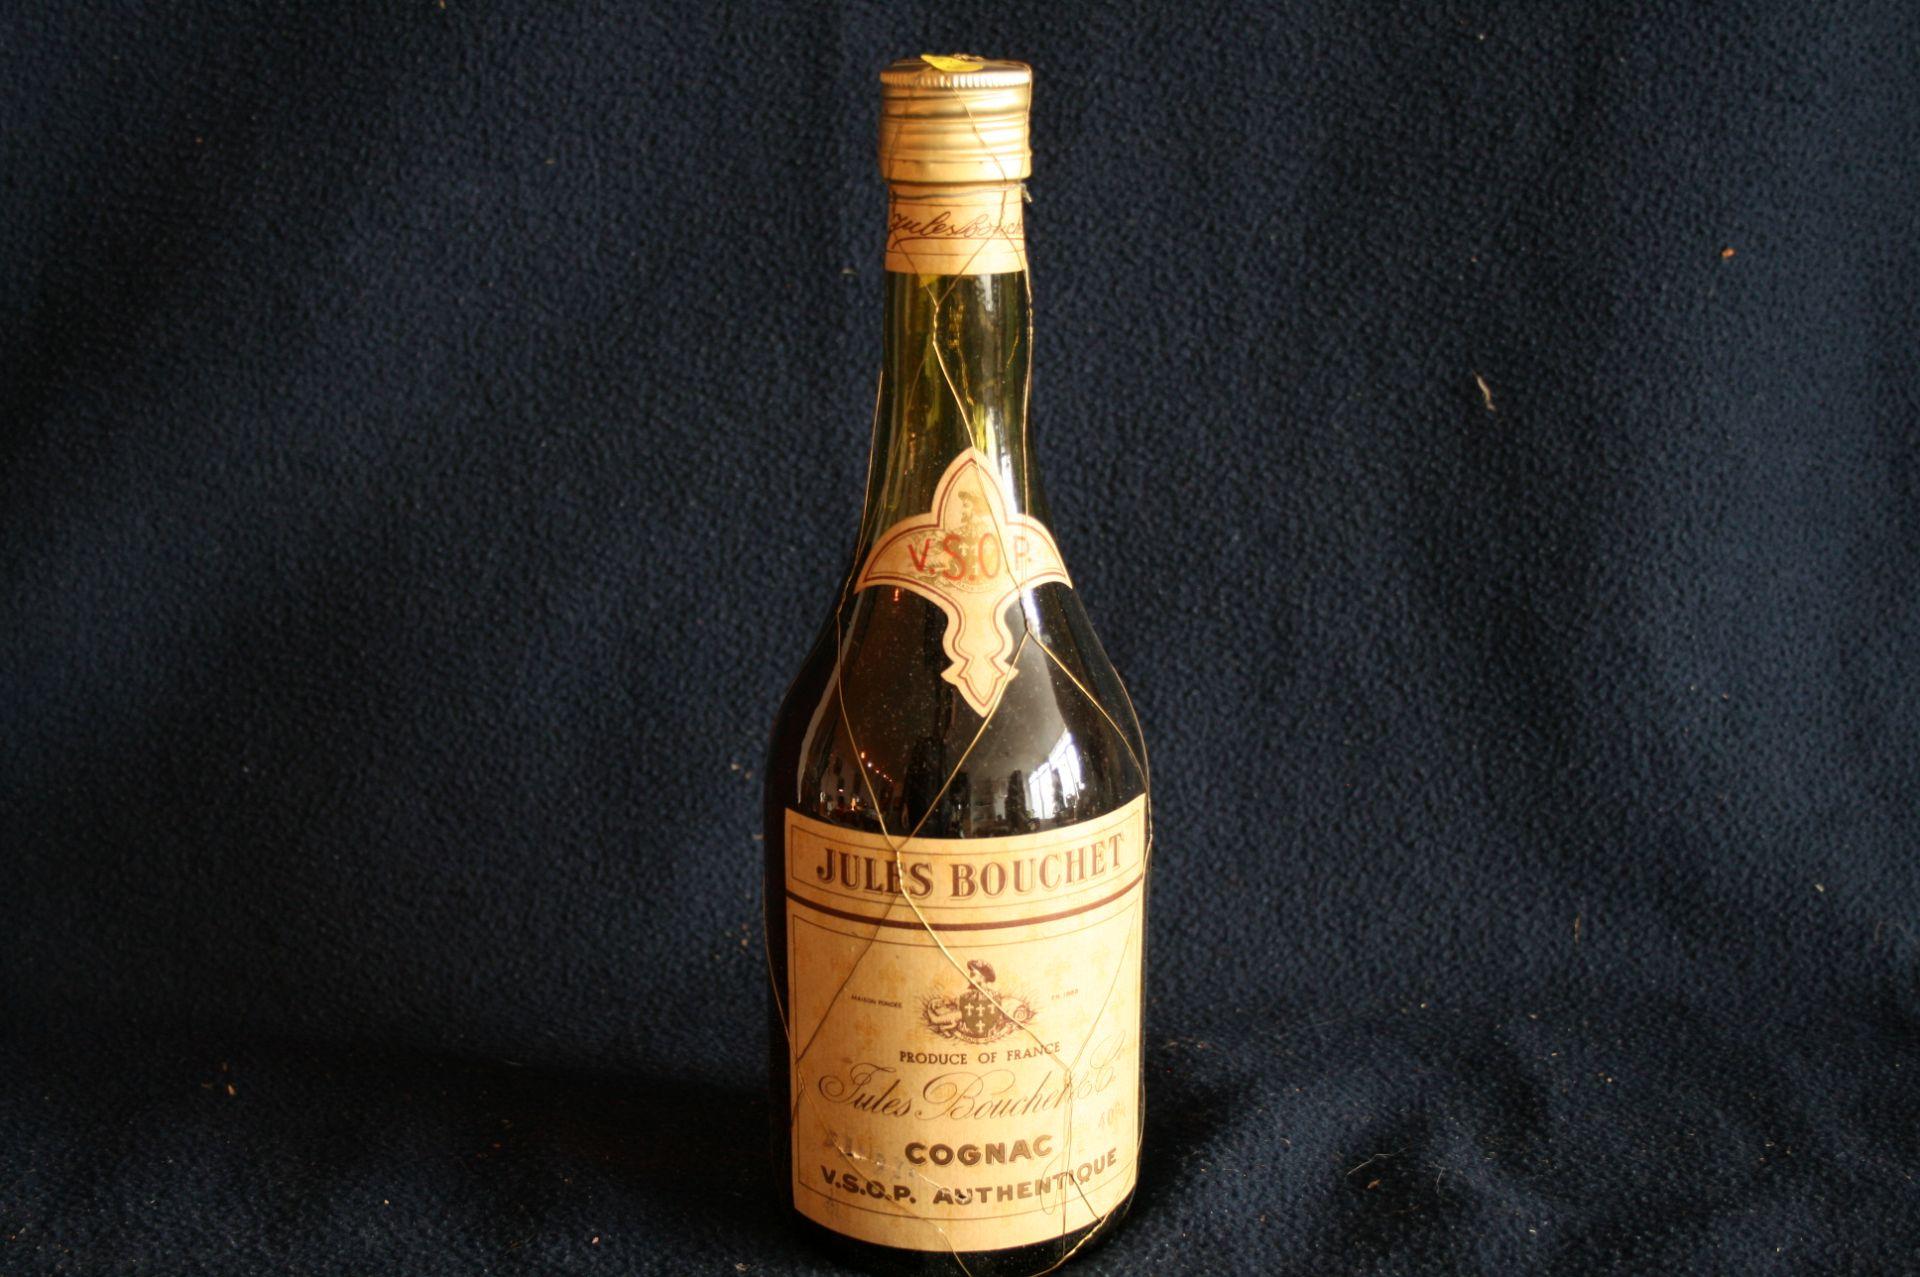 Los 16 - 1 bouteille de COGNAC, vieille année (années 70), Jules BOUCHET & Cie, VSOP [...]